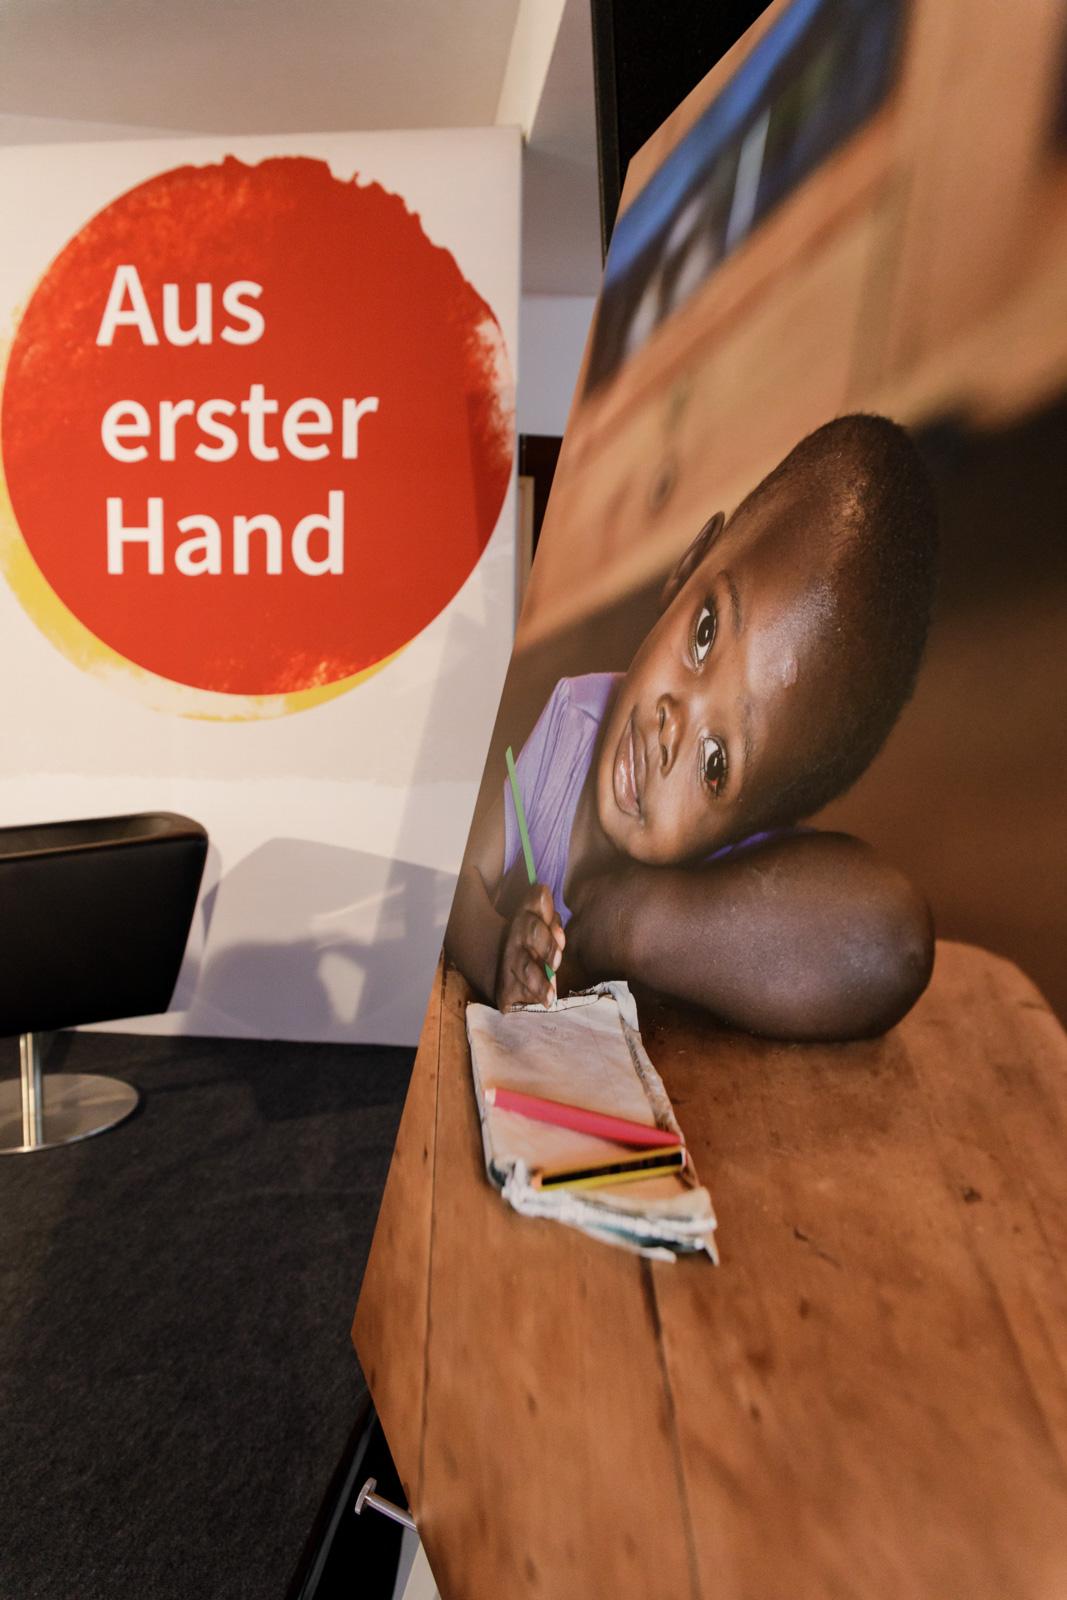 Katharina-Zwerger-Fotograf-Fotografin-CBM-Christoffel-Blindenmission-Stiftungsevent-Köln-Gewerbefotografie-Eventfotograf-timeescape-mitarbeiterfoto-darmstadt-mainz-hessen